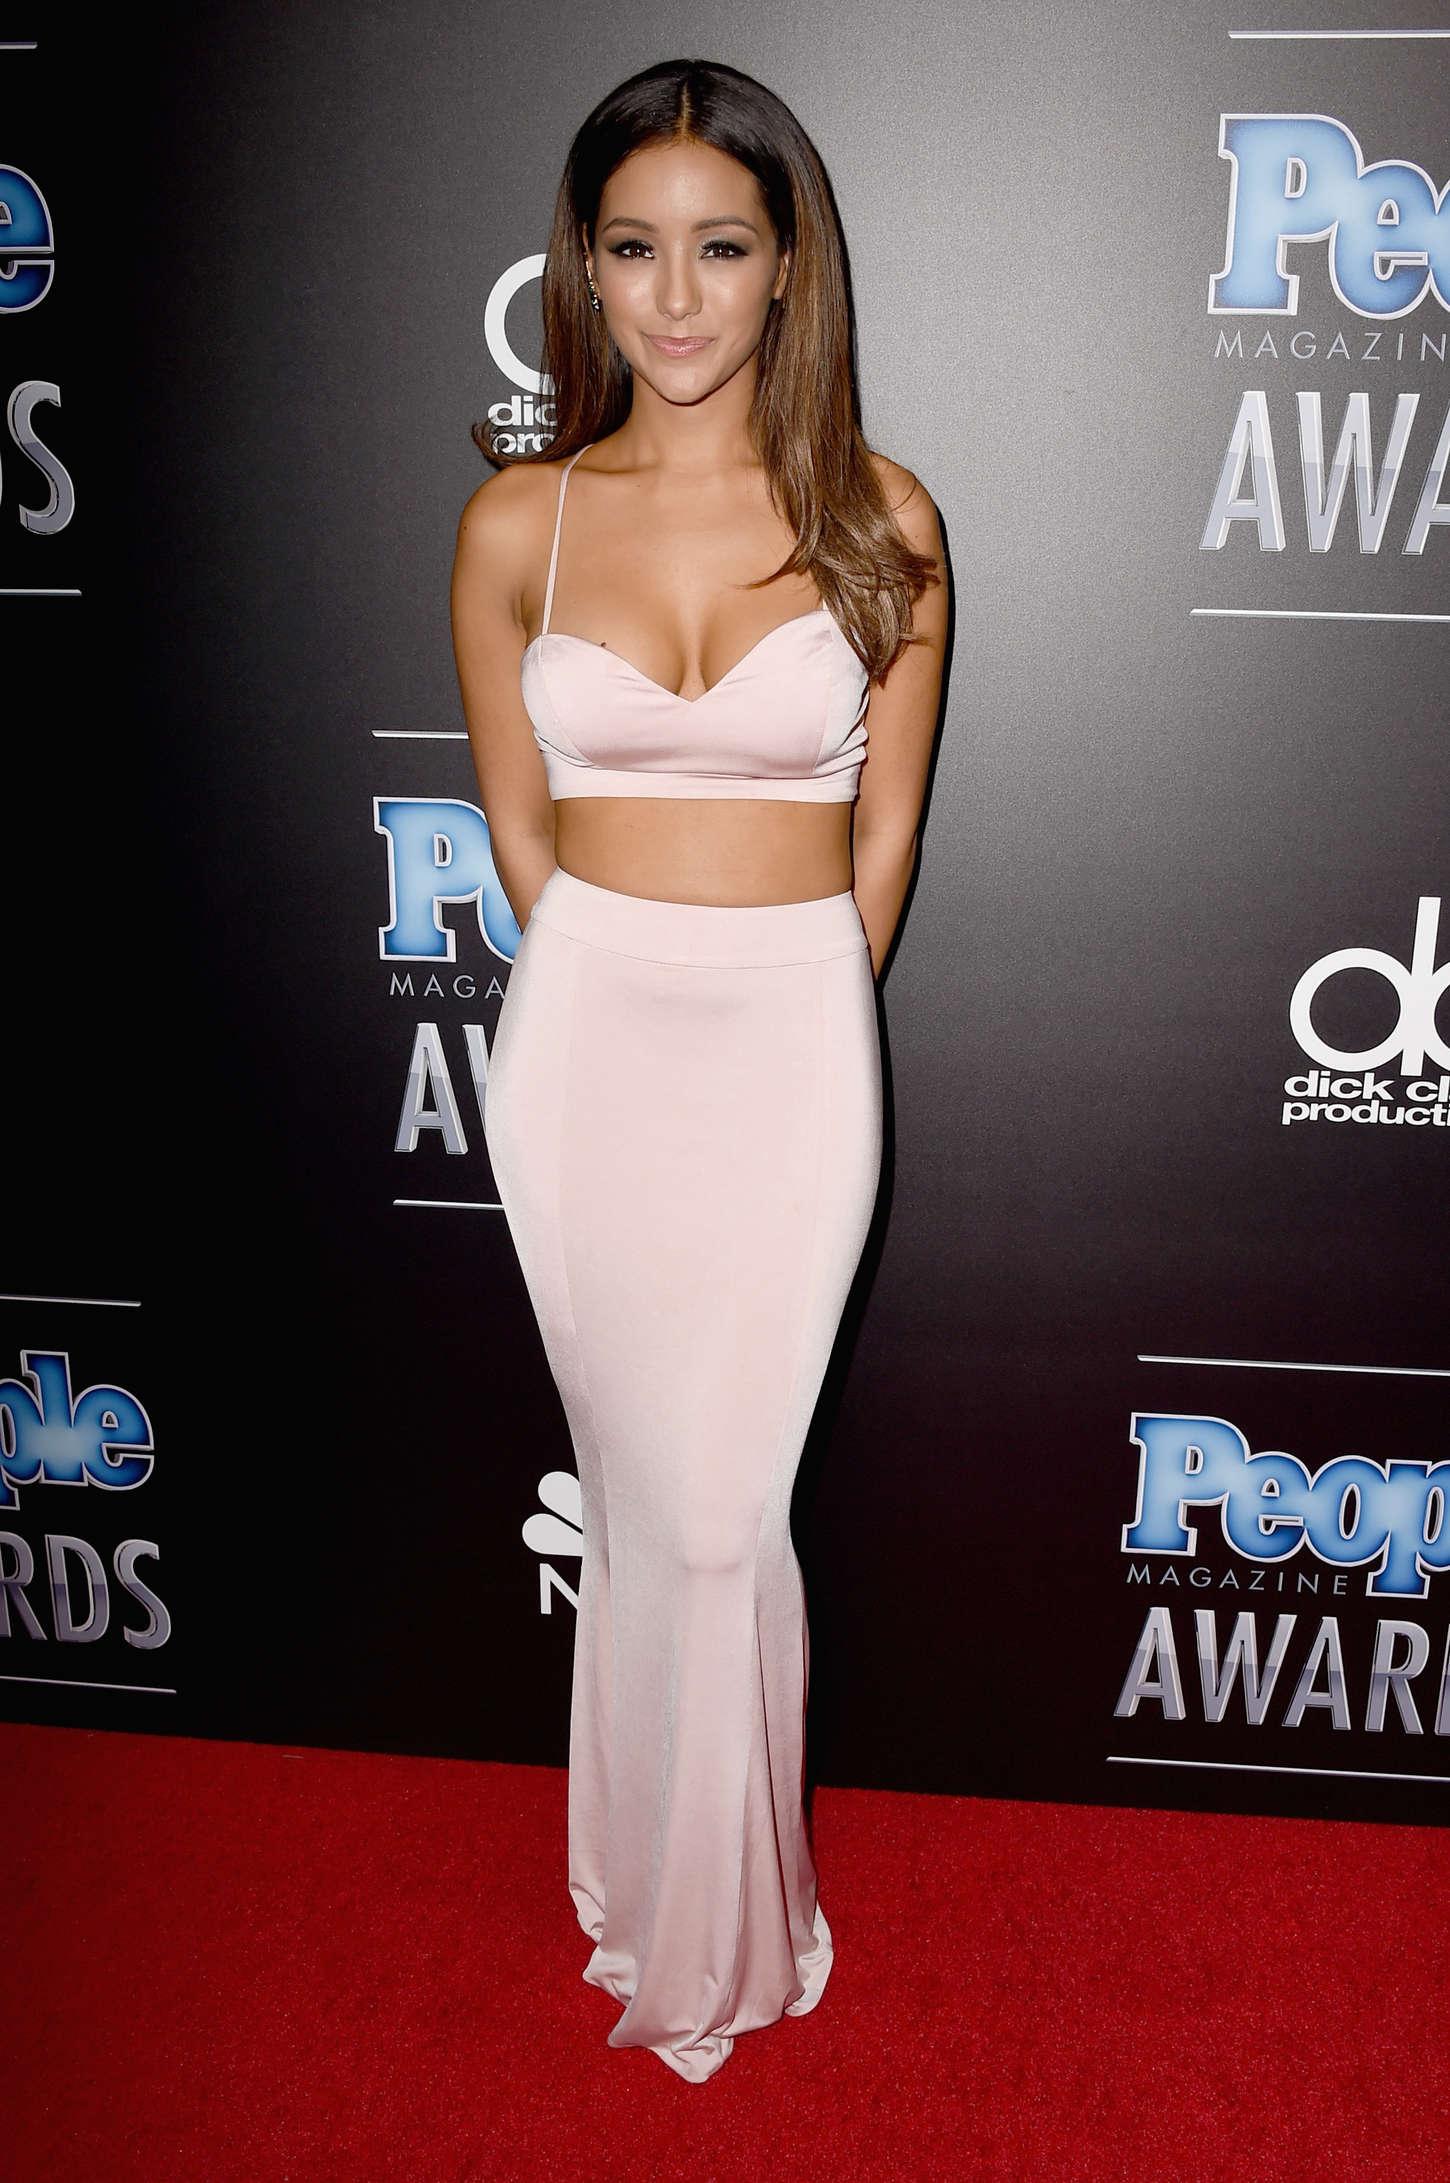 Melanie Iglesias People Magazine Awards 2014 10 Gotceleb